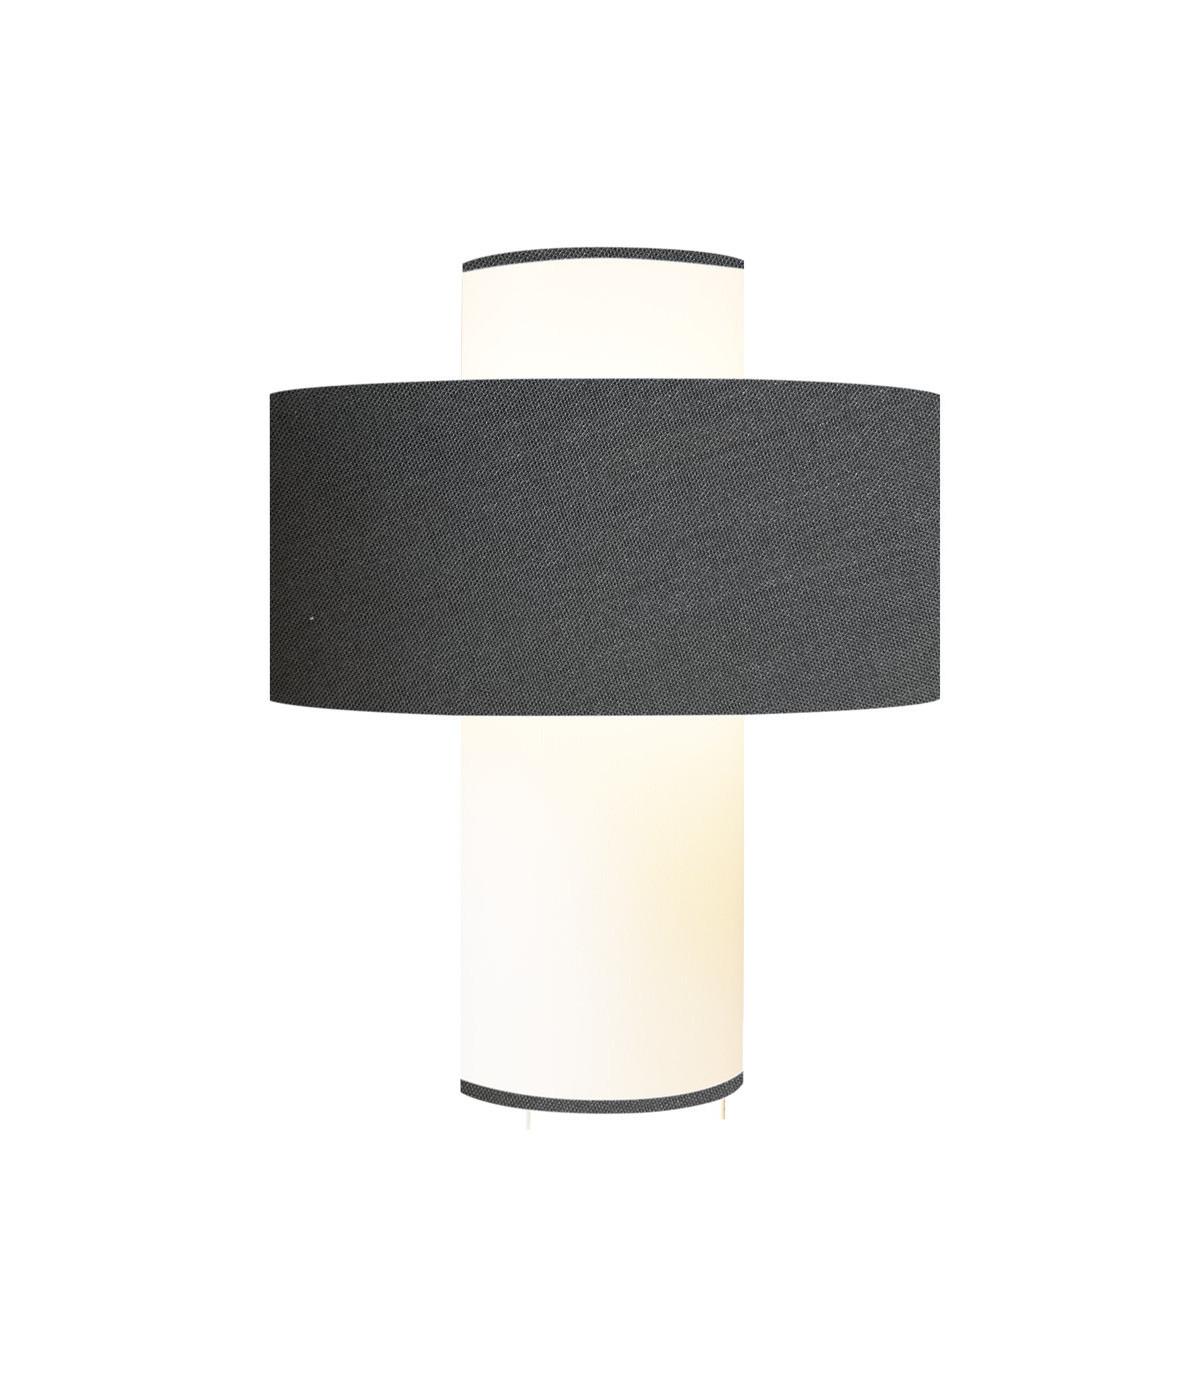 Lampe gris D 35 cm